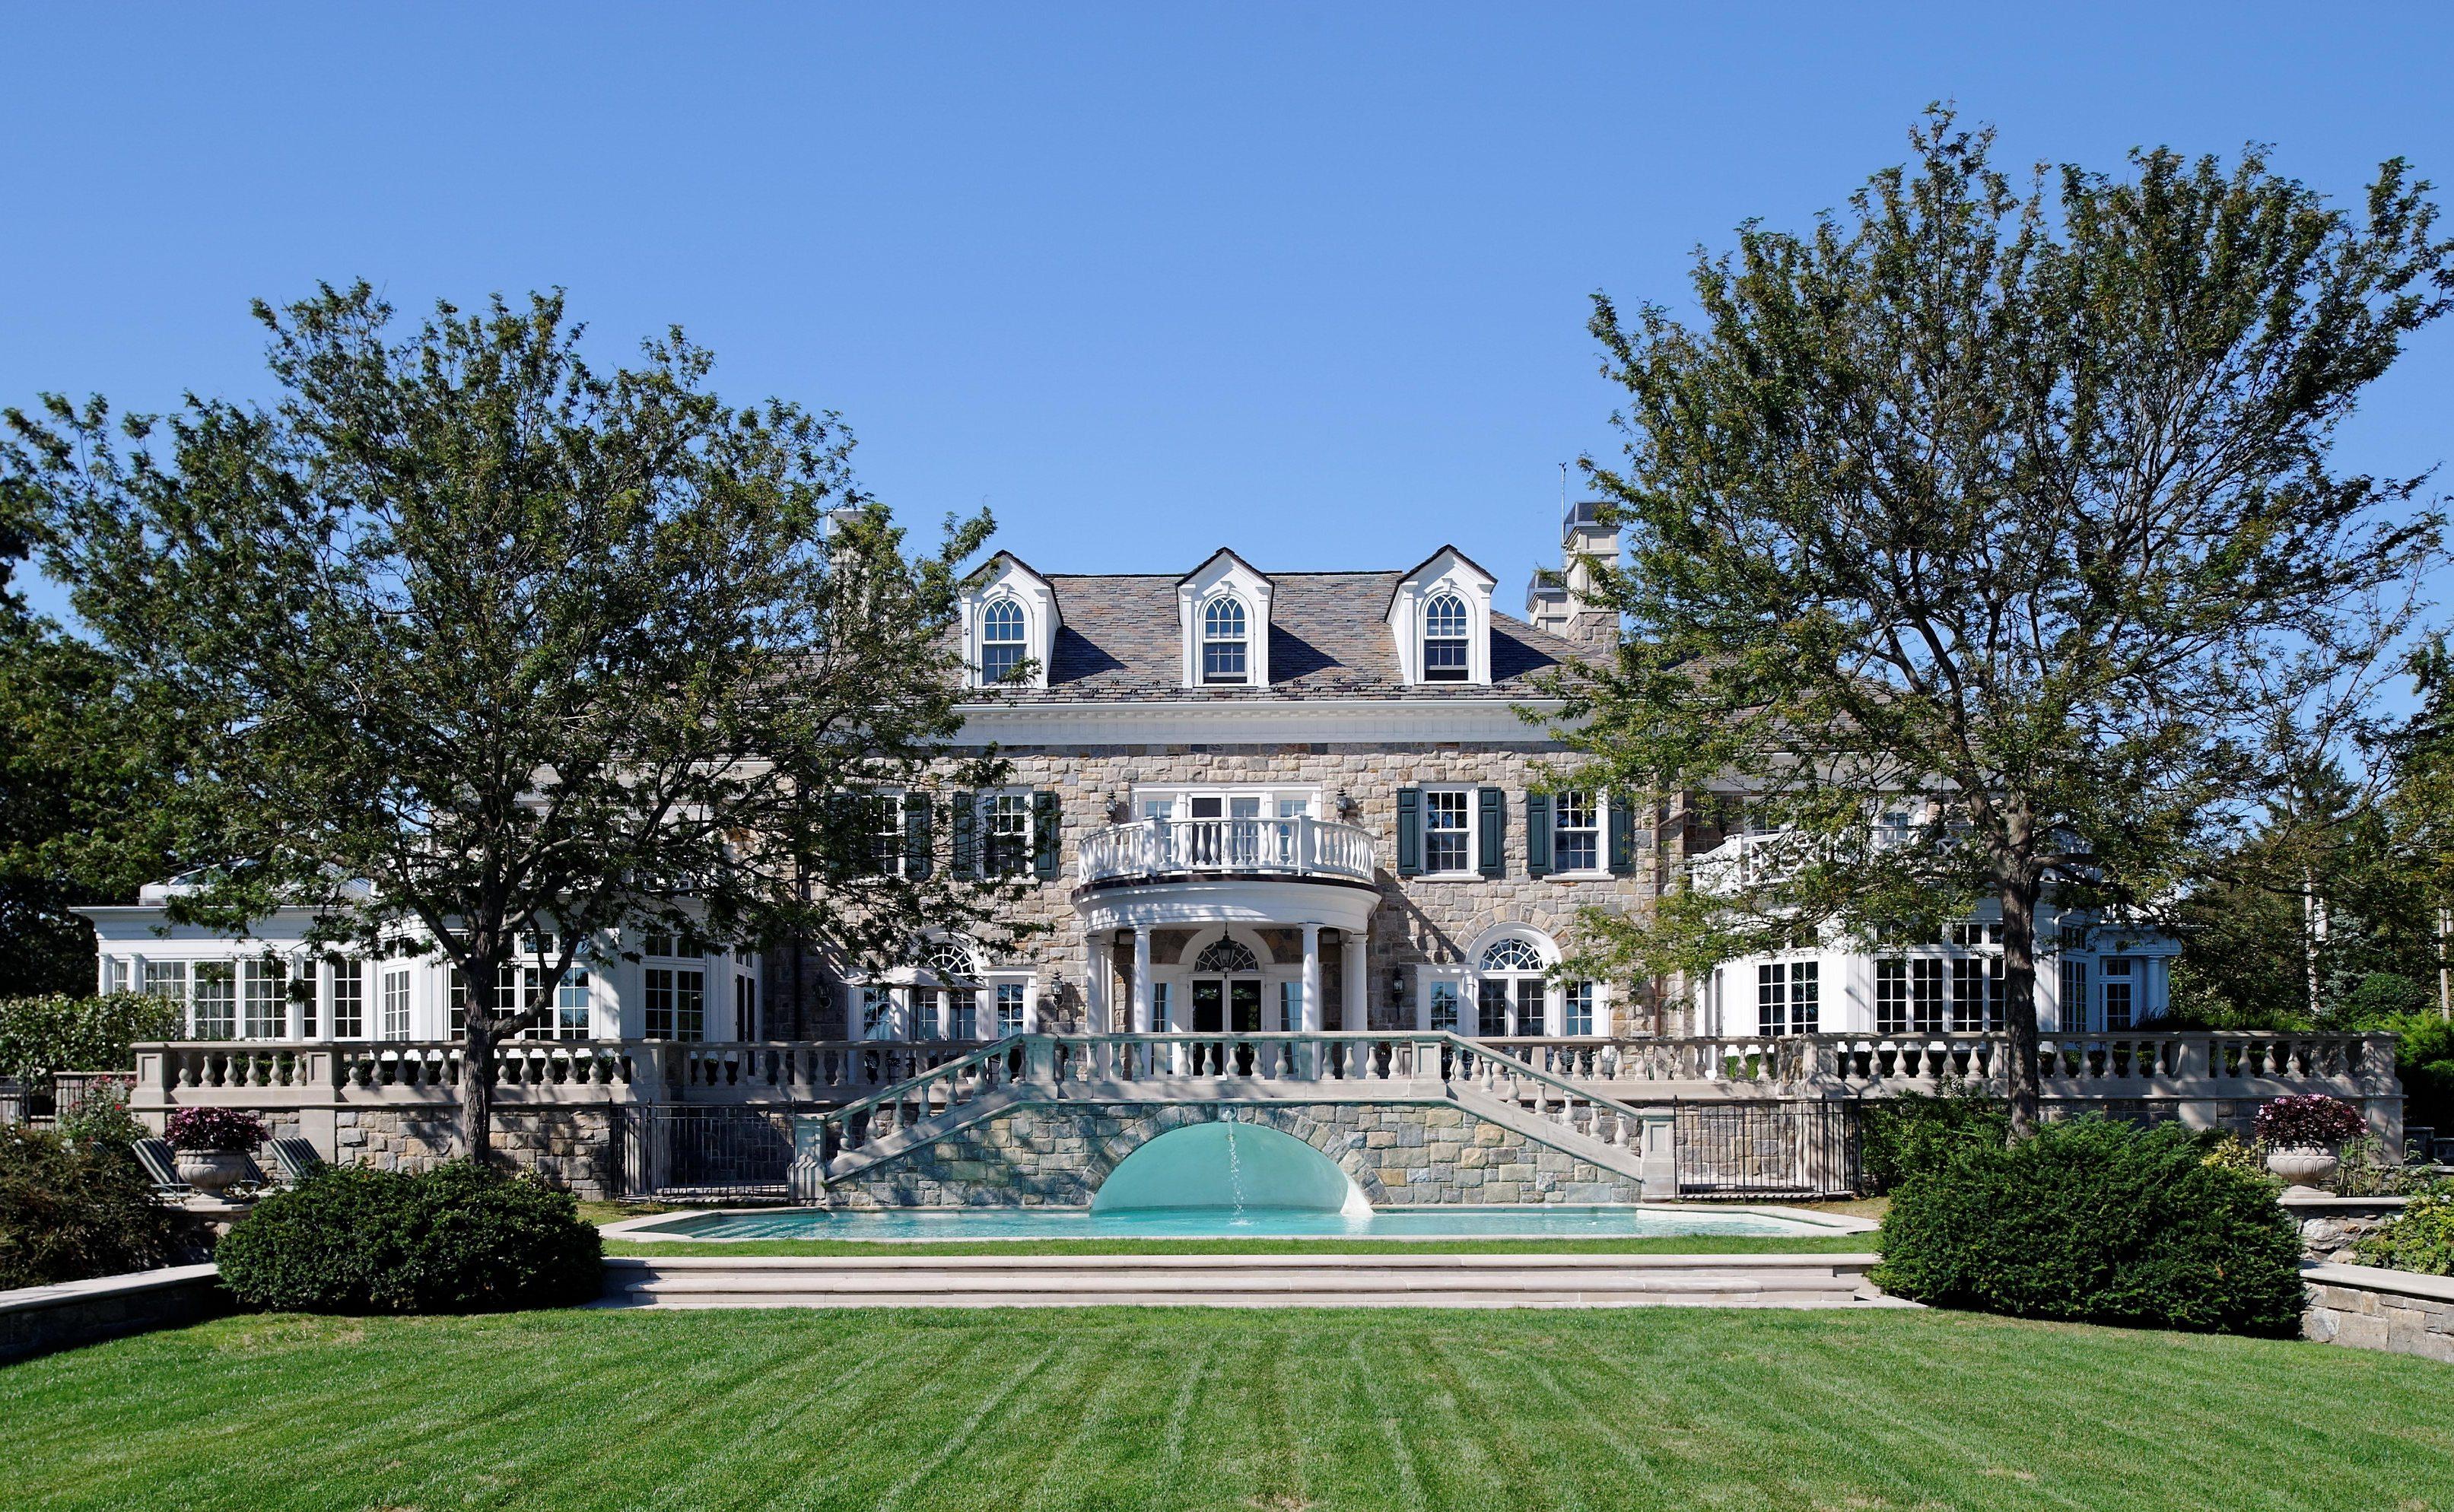 Частный односемейный дом для того Продажа на A masterpiece 1120 Greacen Point Road Mamaroneck, Нью-Йорк 10543 Соединенные Штаты